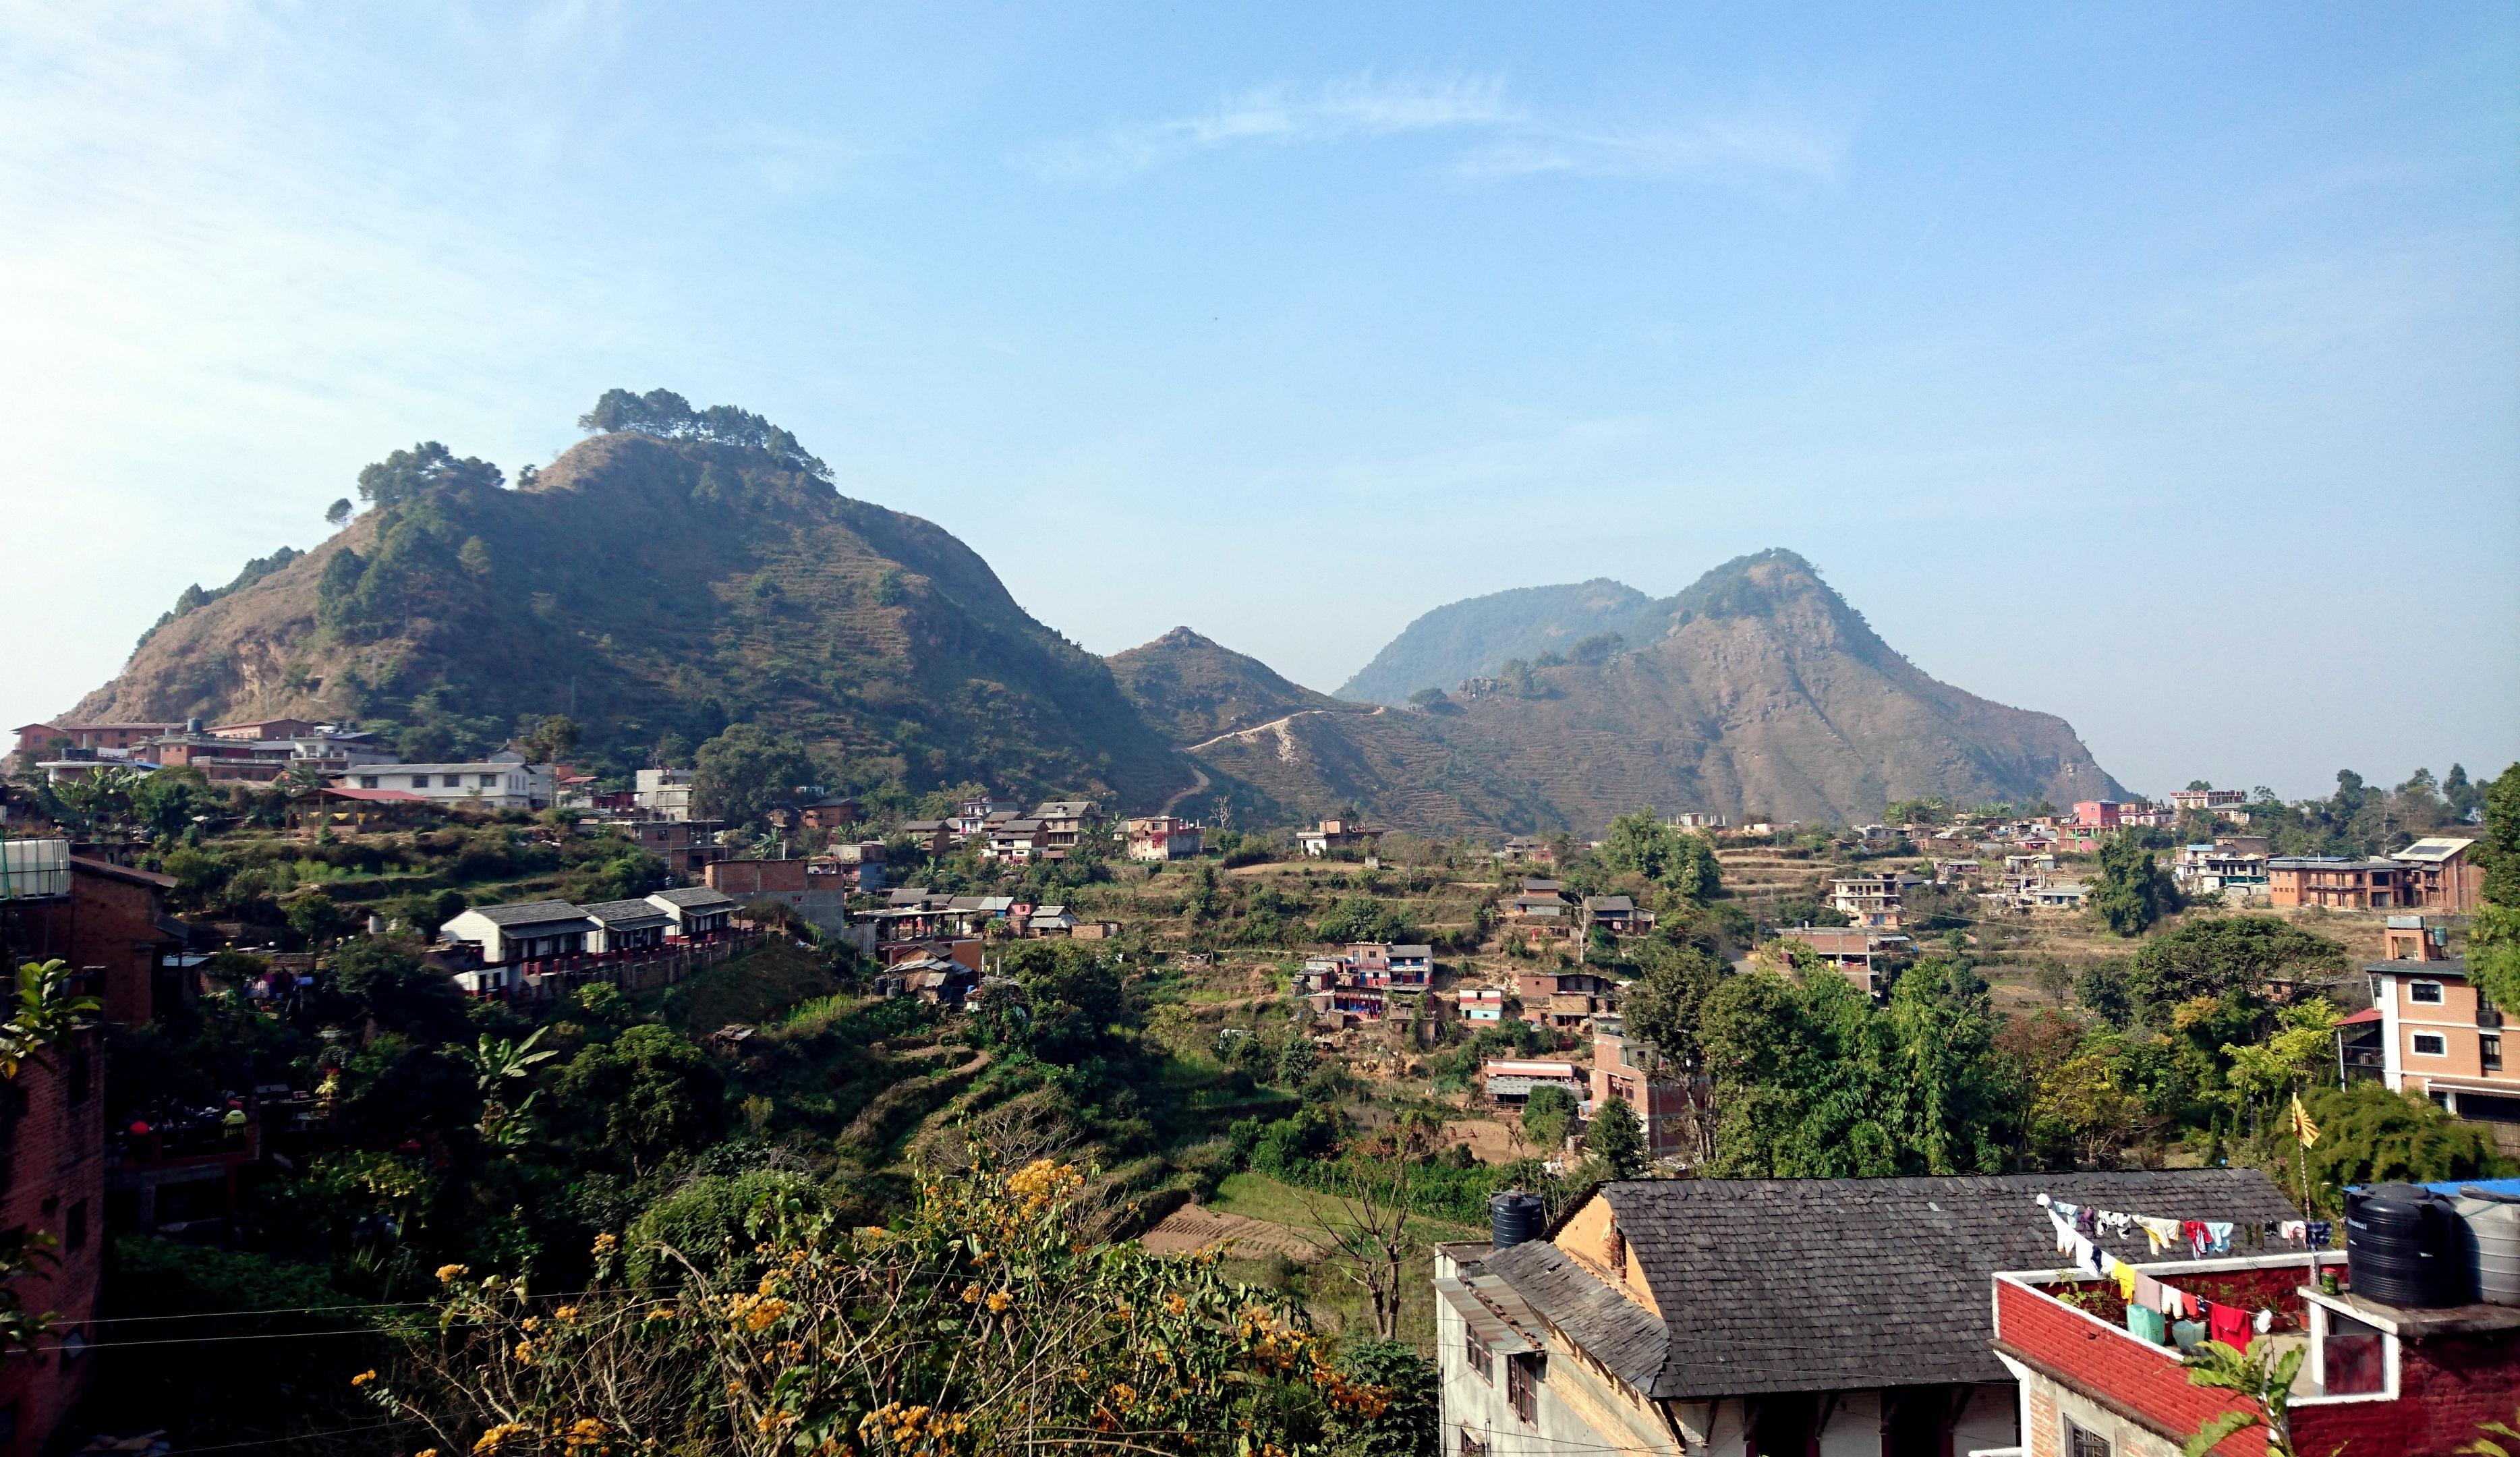 Vista dall'alto delle colline attorno a Bandipur